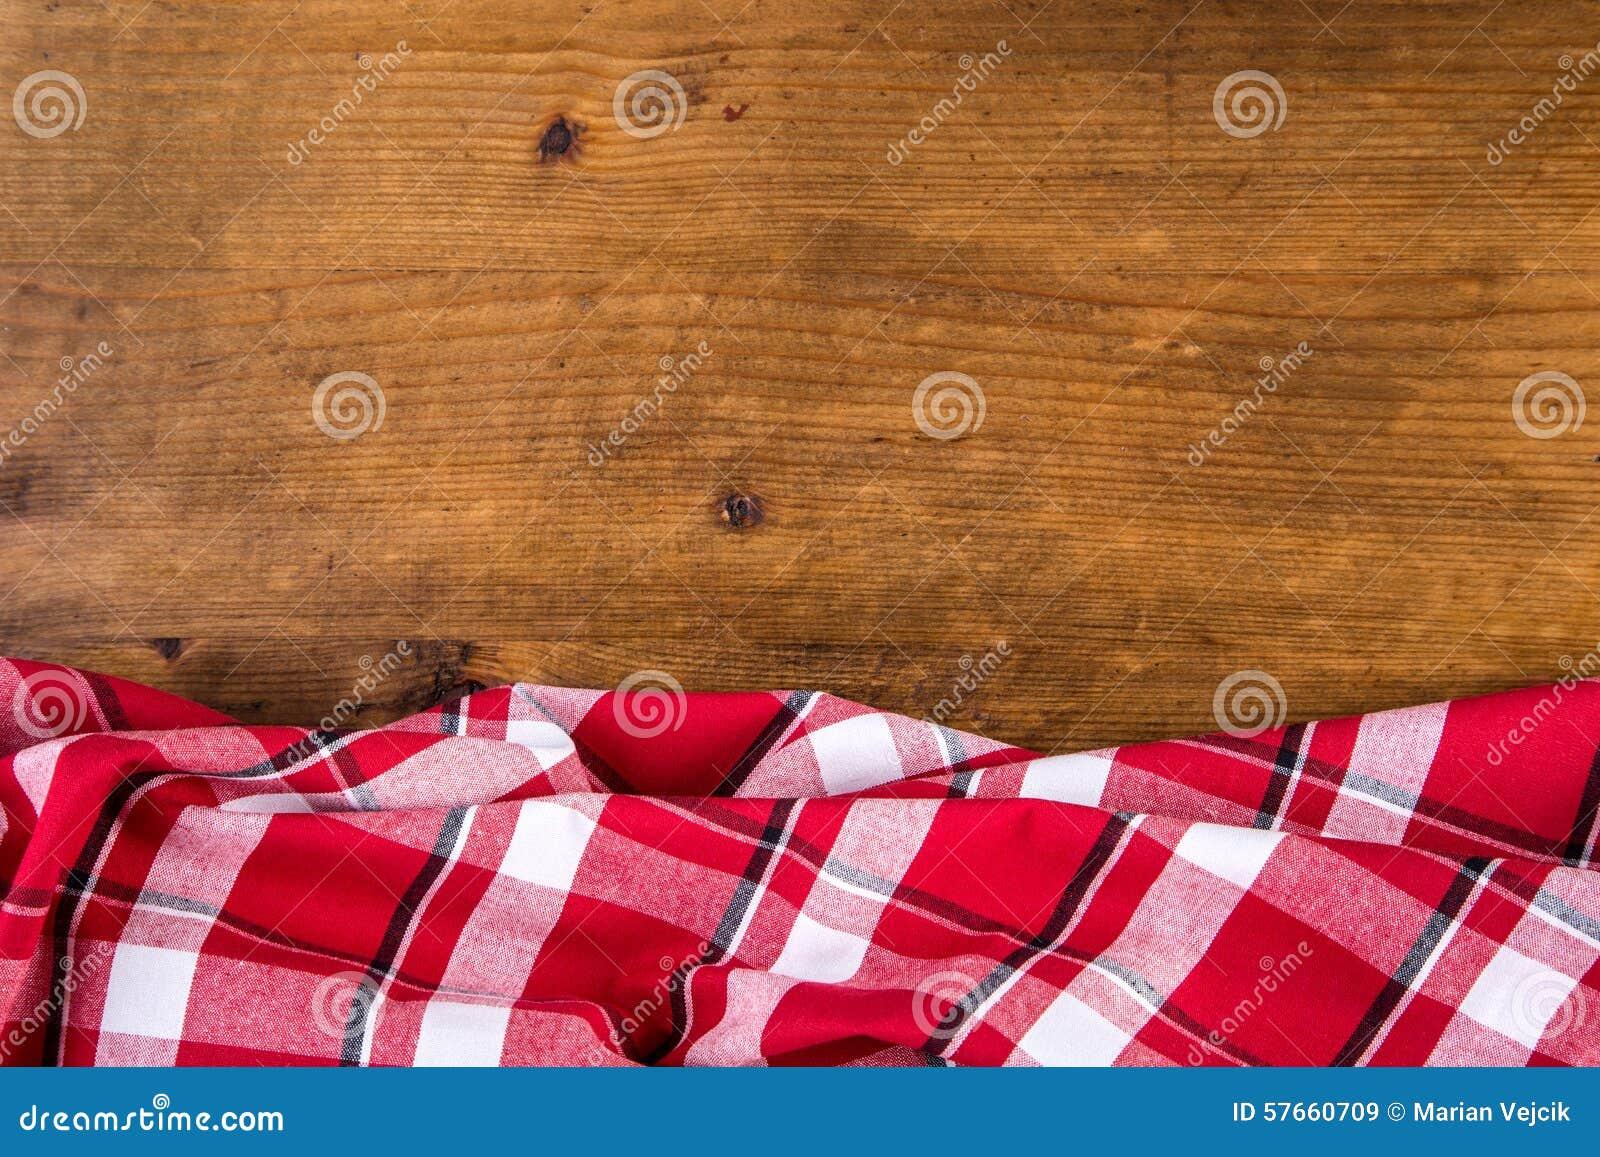 Draufsicht von karierten Geschirrtüchern auf Holztisch